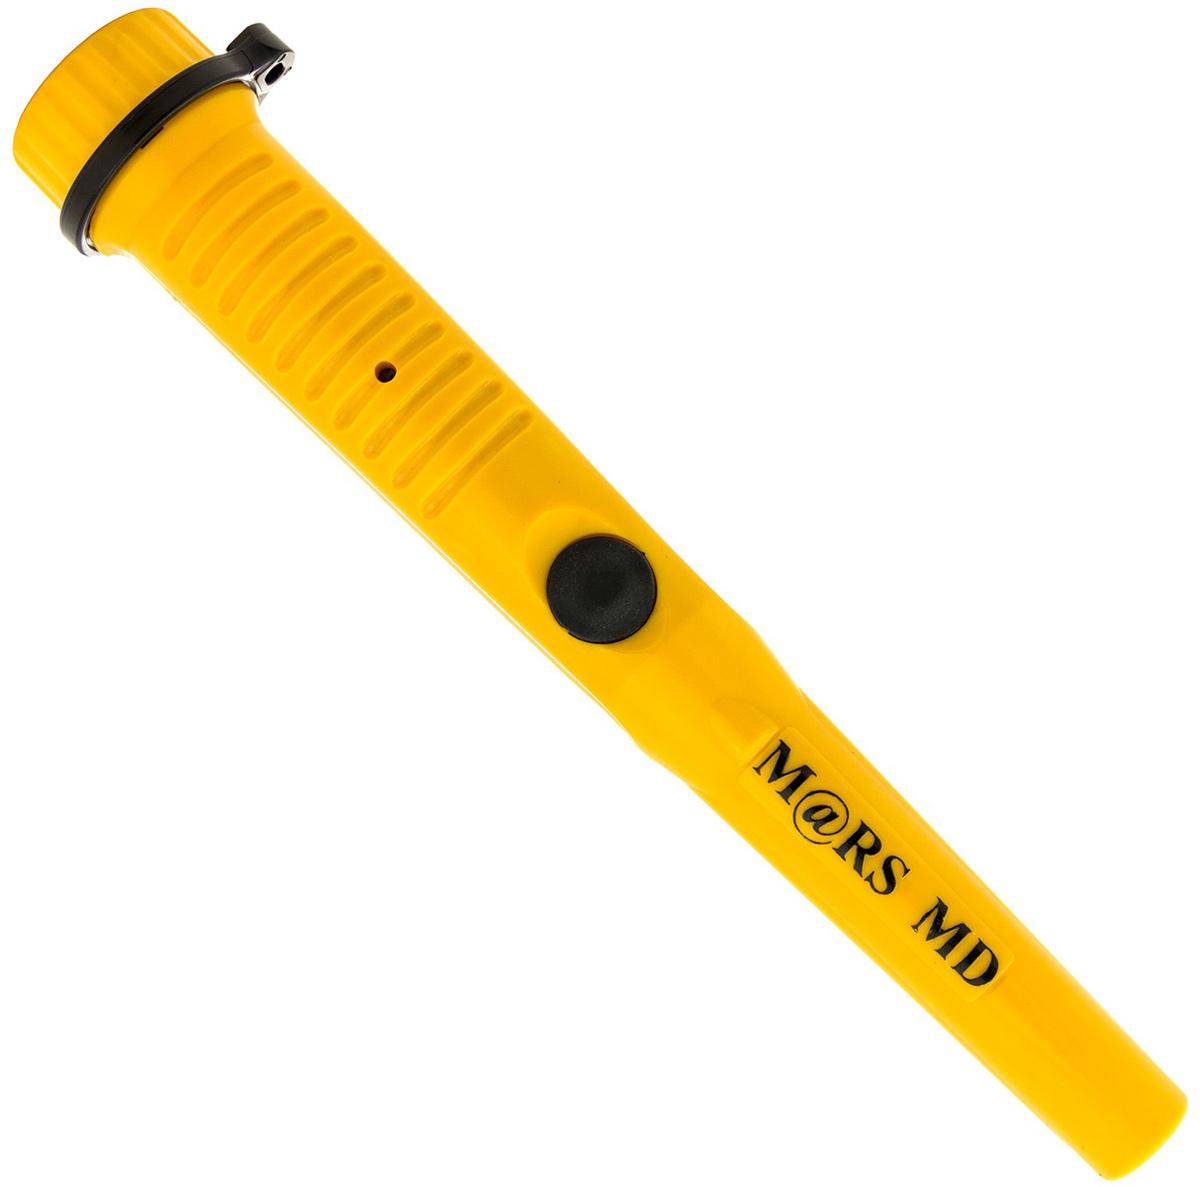 Металлоискатель Mars MD Pin Pointer Yellow, цвет: желтый, черный, длина 25,5 смM0173YМеталлоискатель Mars MD Pin Pointer Yellow предназначен для локализации мелких металлических объектов при поиске с грунтовым металлоискателем. Может пригодиться при проведении строительных работ и ремонта для обнаружения скрытой проводки, внутренних инженерных коммуникаций, тайников и так далее. Изделие имеет прочный пластиковый корпус, соответствующий классу защиты IP64. Mars MD Pin Pointer Yellow работает в двух режимах: статическом и динамическом, тогда, как большинство аналогов данной модели могут работать исключительно в условиях динамики. Достаточно поднести изделие к предполагаемой цели и вы услышите сигнал, это значительно экономит время поиска. Сигнал может быть вибро или звуковой, громкость звука будет нарастать по мере приближения девайса к цели.Металлоискатель Mars MD Pin Pointer Yellow очень чувствительный при работе с землей, потому как активна вся поверхность прибора. Расстояние до поискового объекта равна 3-3,5 см. В комплекте витой провод для крепления к поясу и чехол.Технические характеристики:Рабочая частота: 12 кГц.Диапазон рабочих температур: от -15°С до +50°С.Степень защиты корпуса: IP64.Питание: батарея V9 (в комплект не входит).Время работы: 16 часов.Вес: 187 г (с батареей).